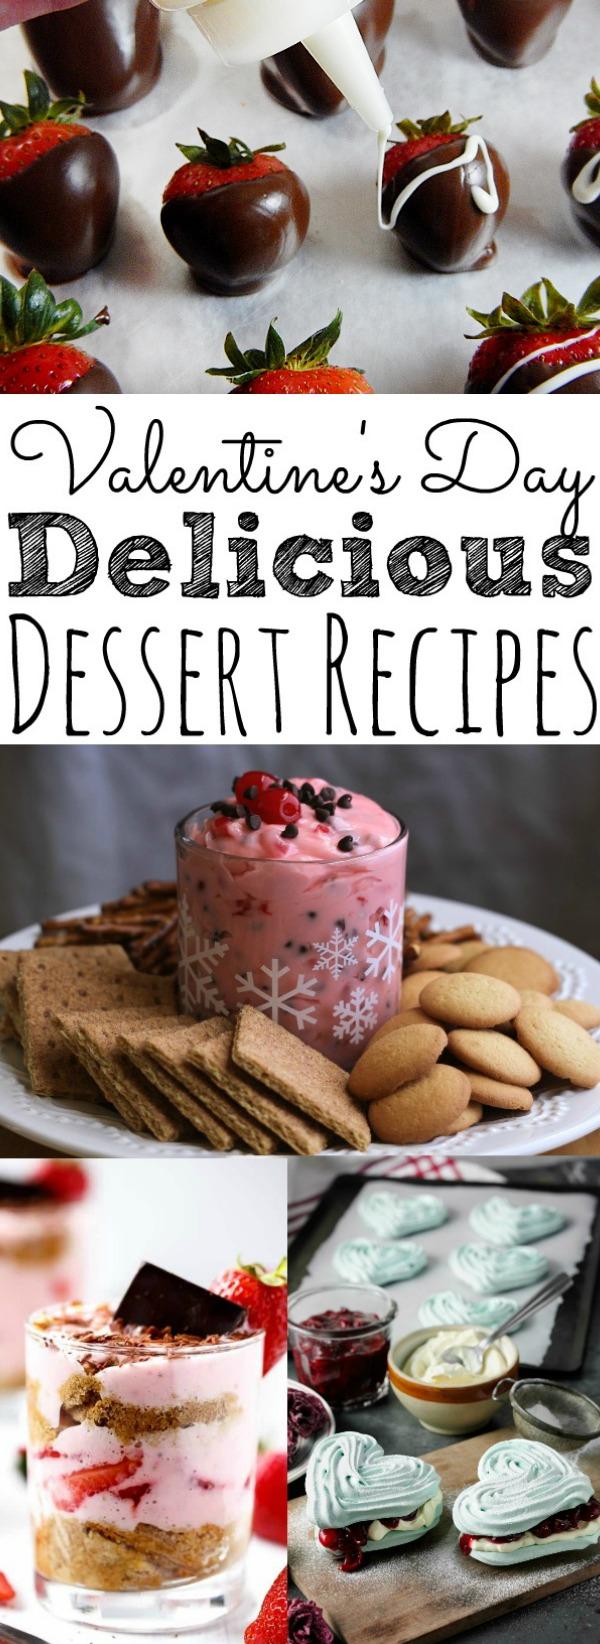 Easy 25 Valentine's Day Desserts